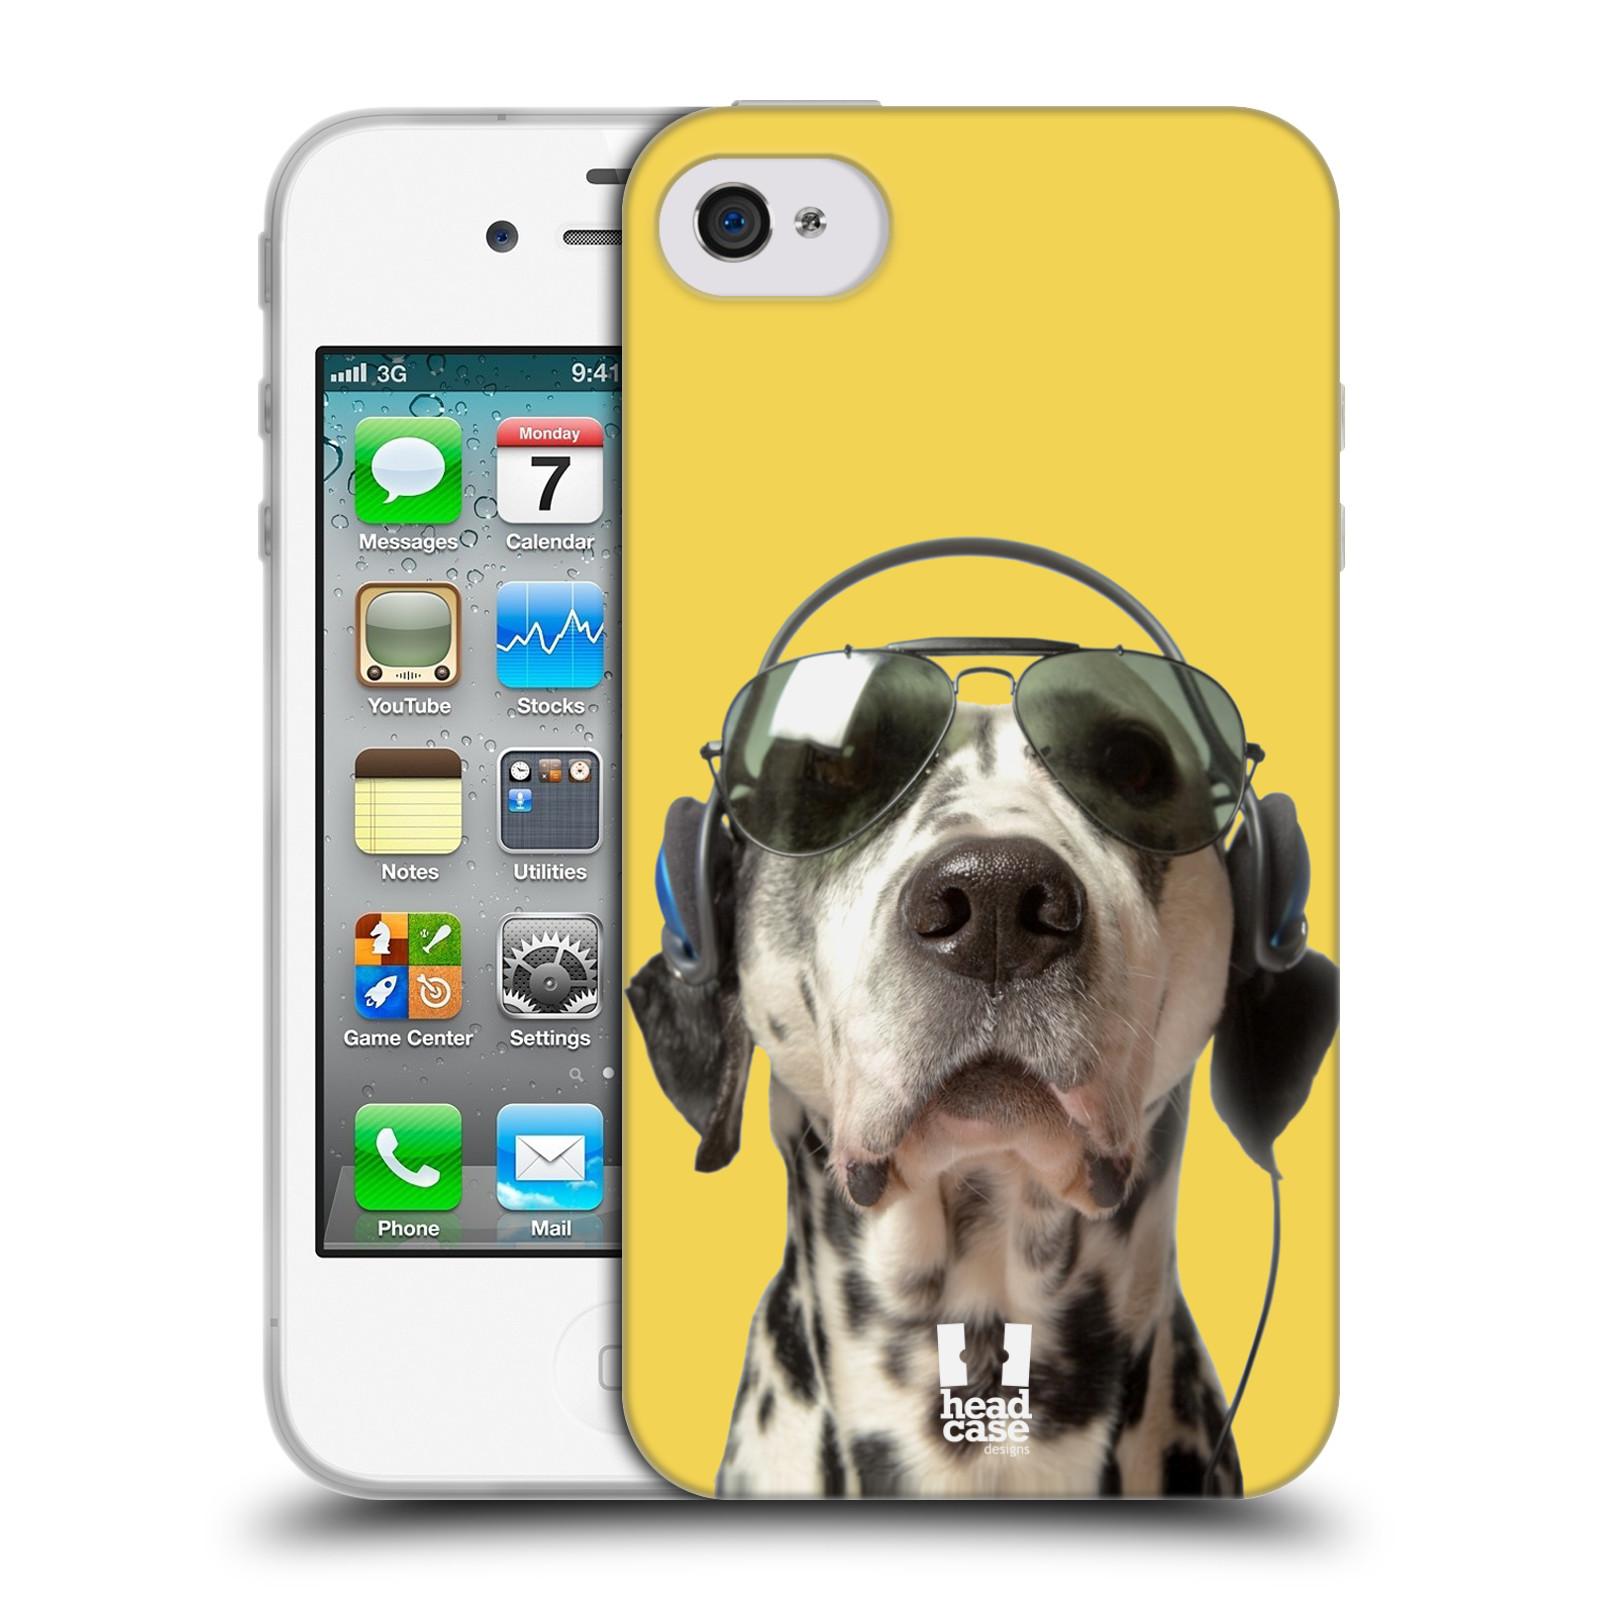 HEAD CASE silikonový obal na mobil Apple Iphone 4/4S vzor Legrační zvířátka dalmatin se sluchátky žlutá